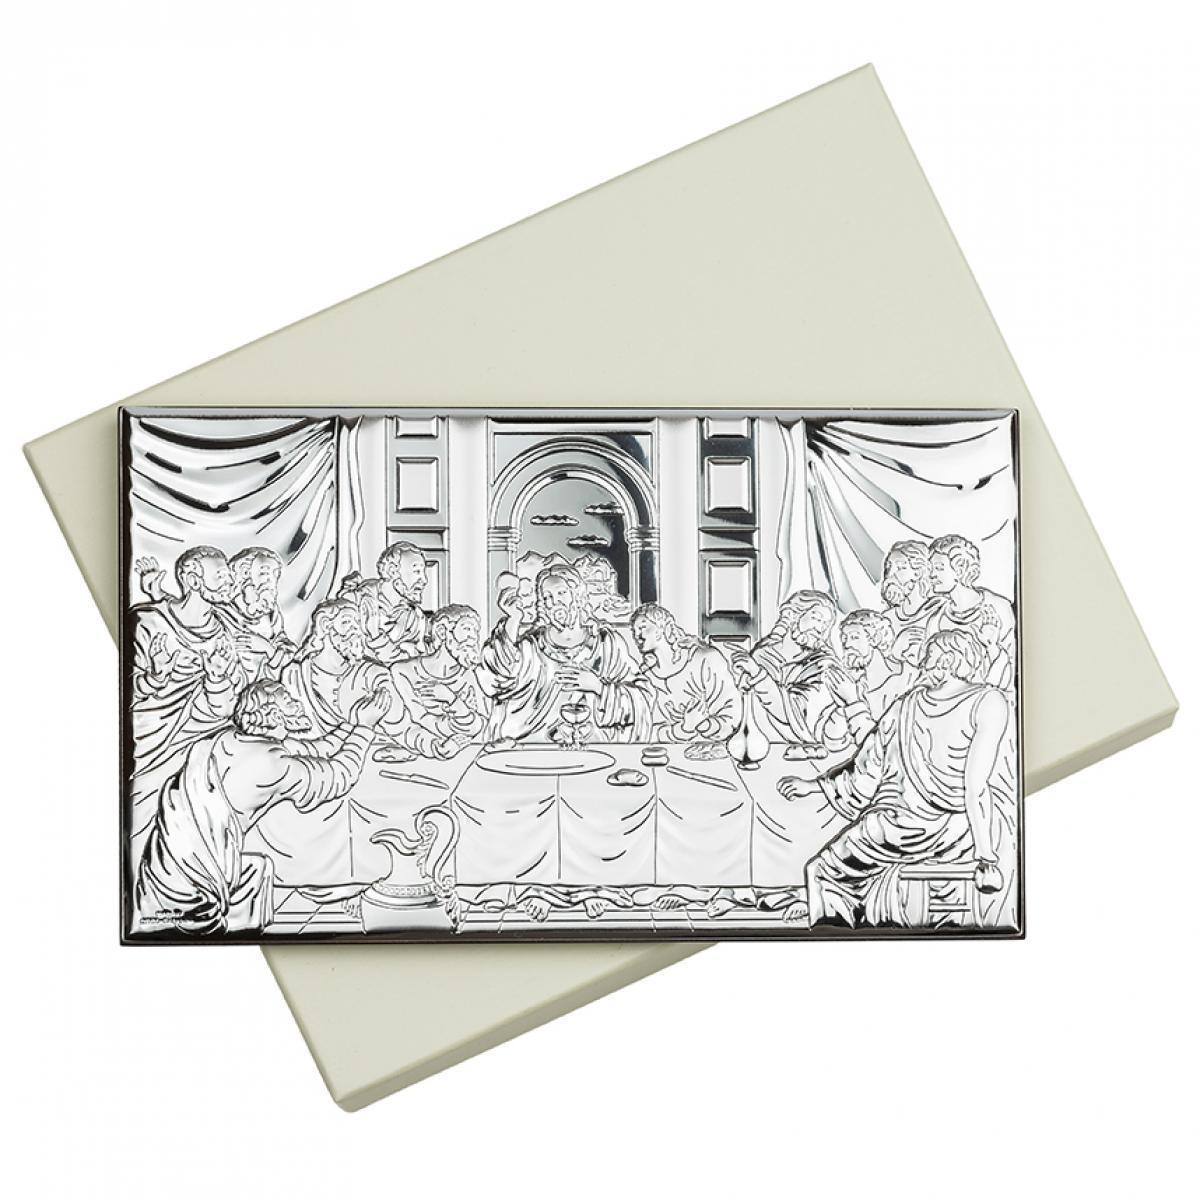 Ікона срібна ``Тайна Вечеря`` (11х6.5см) 81323 3L